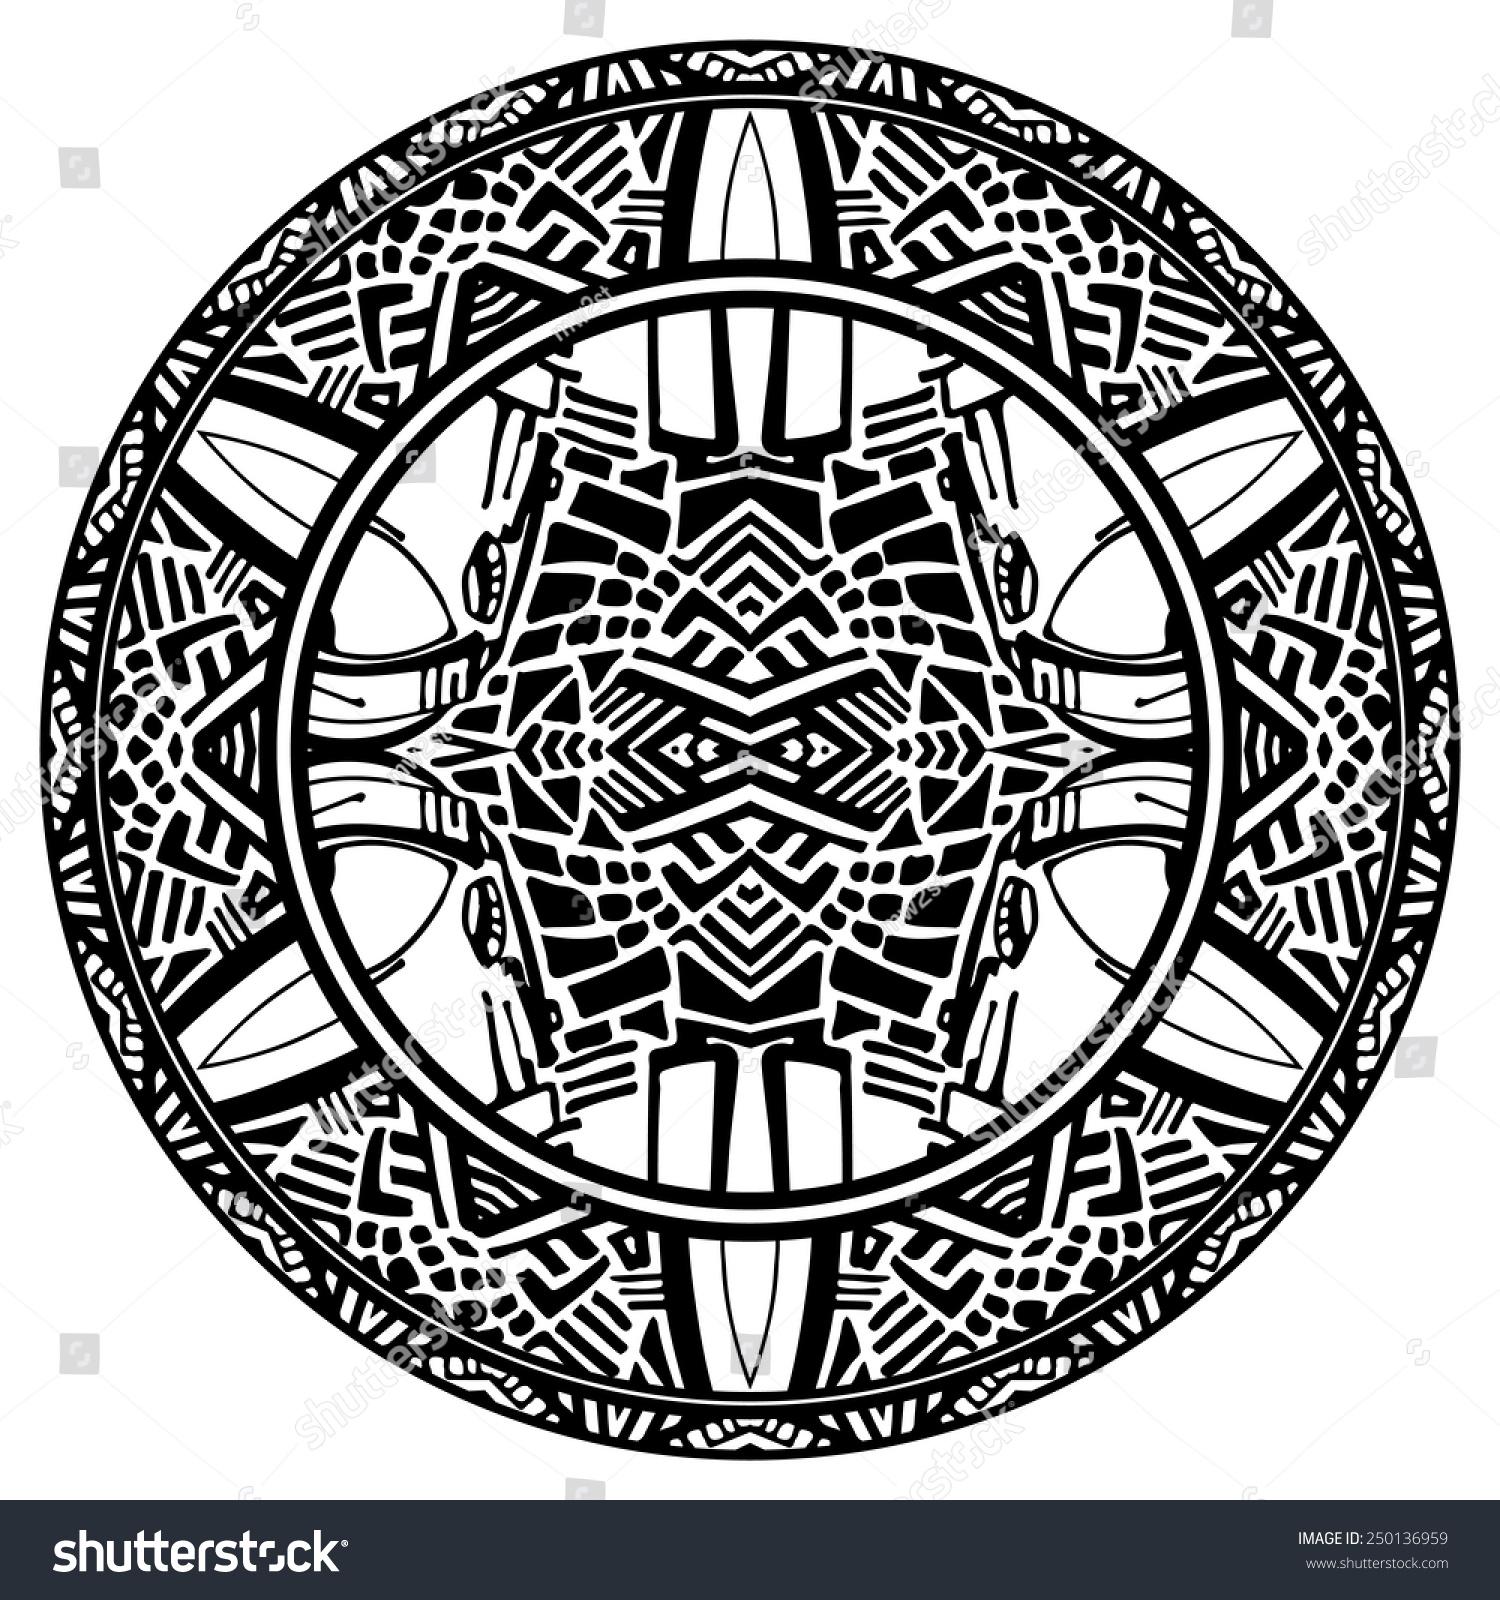 Vector Tribal Ornamental Circle Reminiscent Of The Aztec Calendar